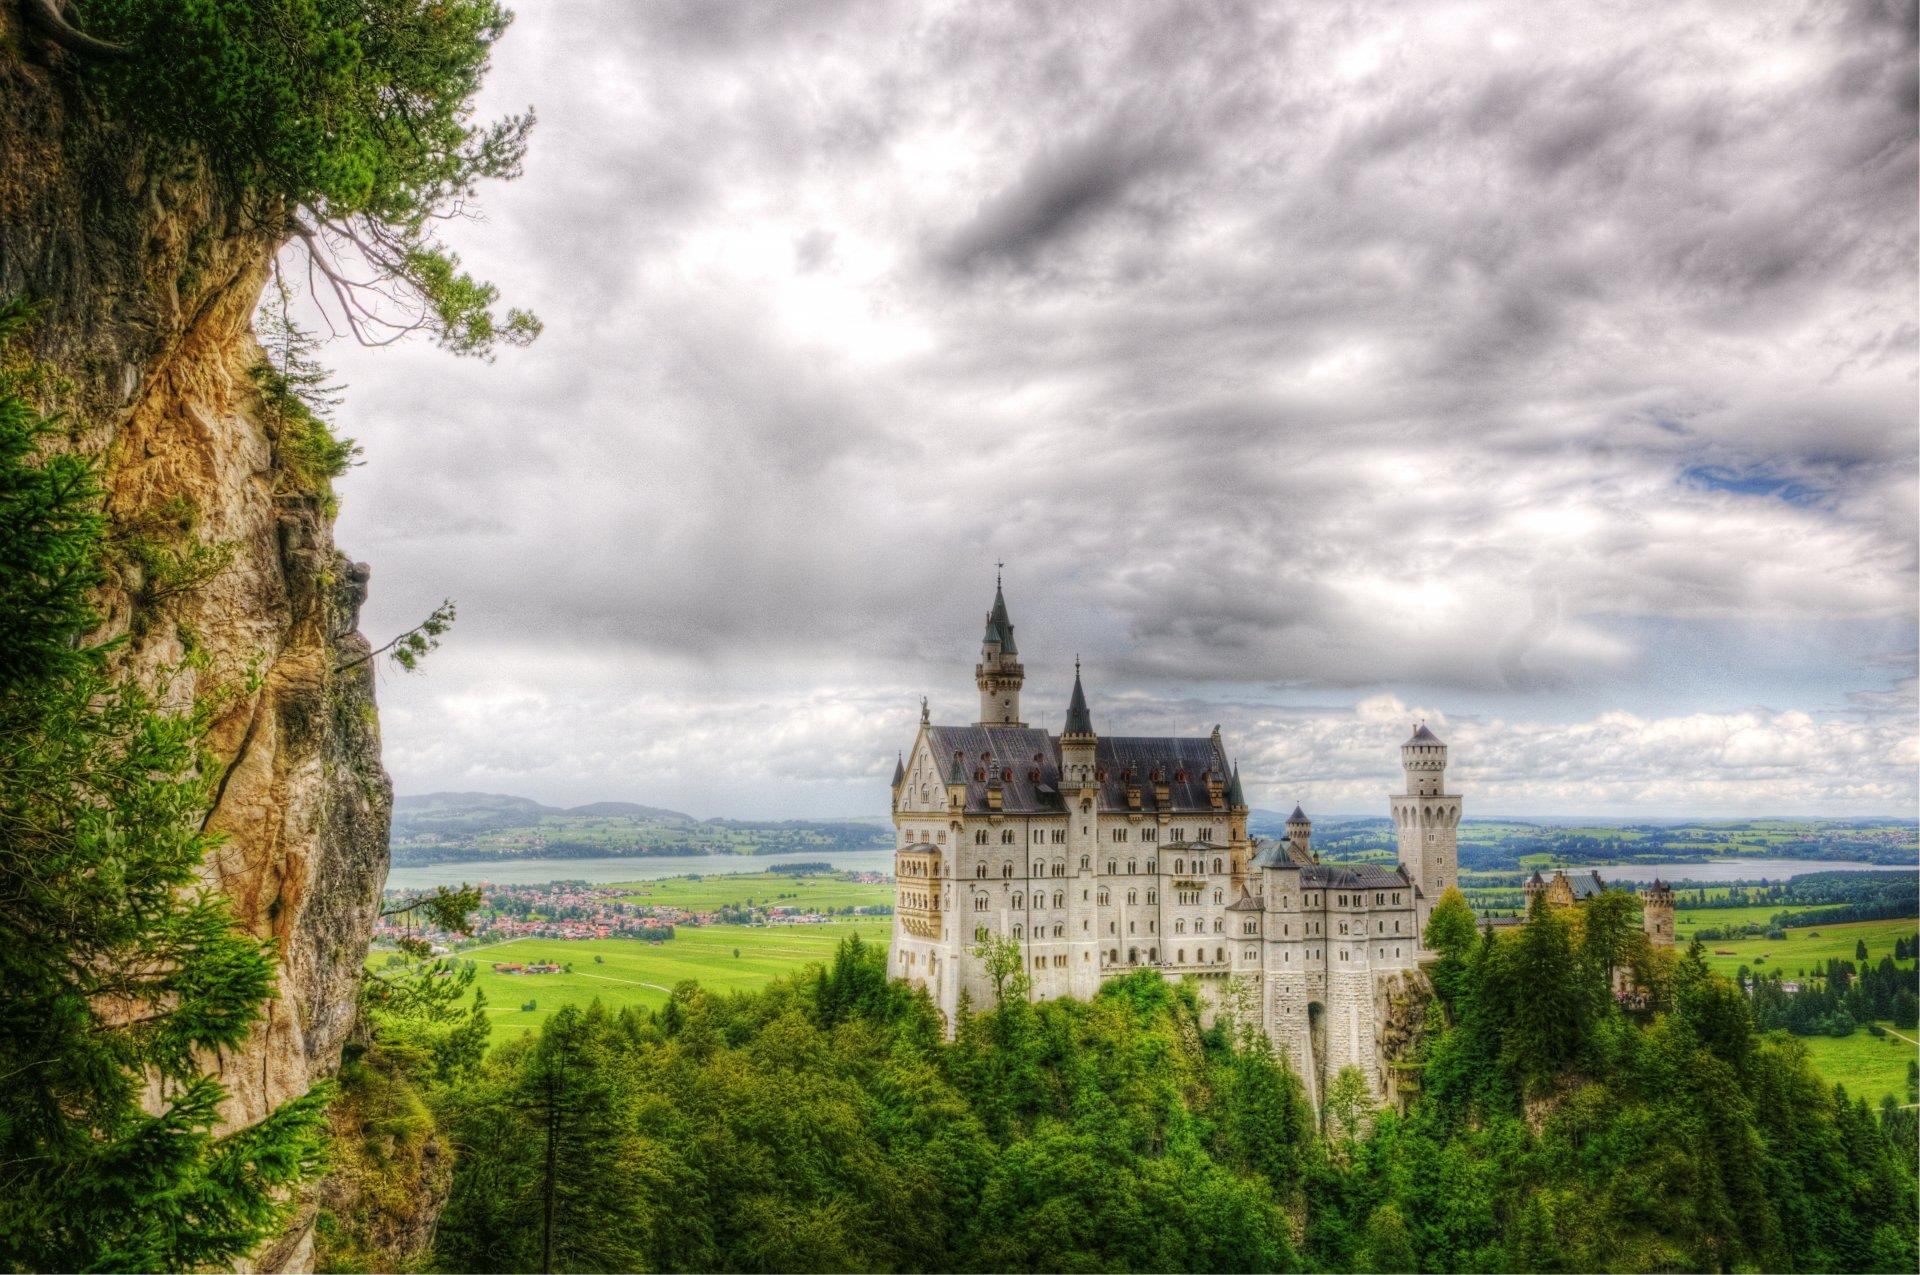 Обои юго-западная, бавария, германия, замок. Города foto 11